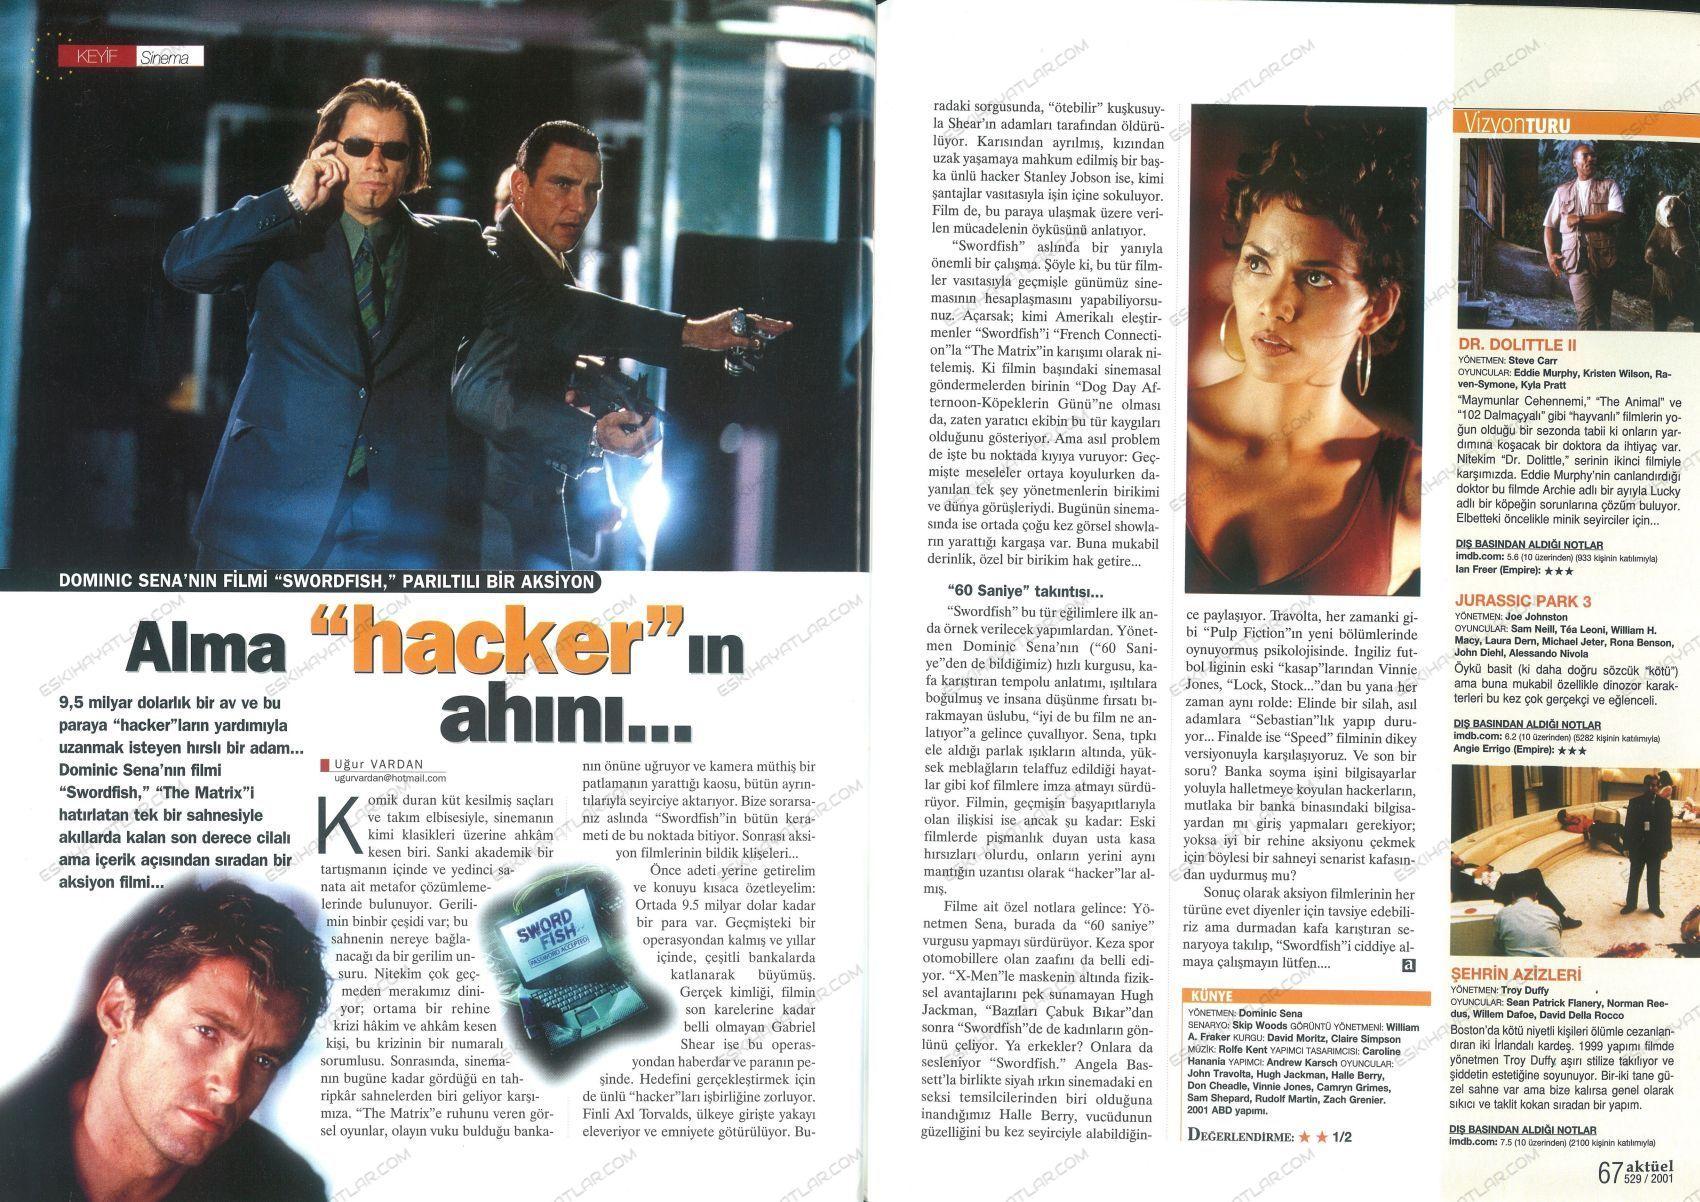 0412-kod-adi-kilicbaligi-2001-john-travolta-halle-berry-hugh-jackman (3)